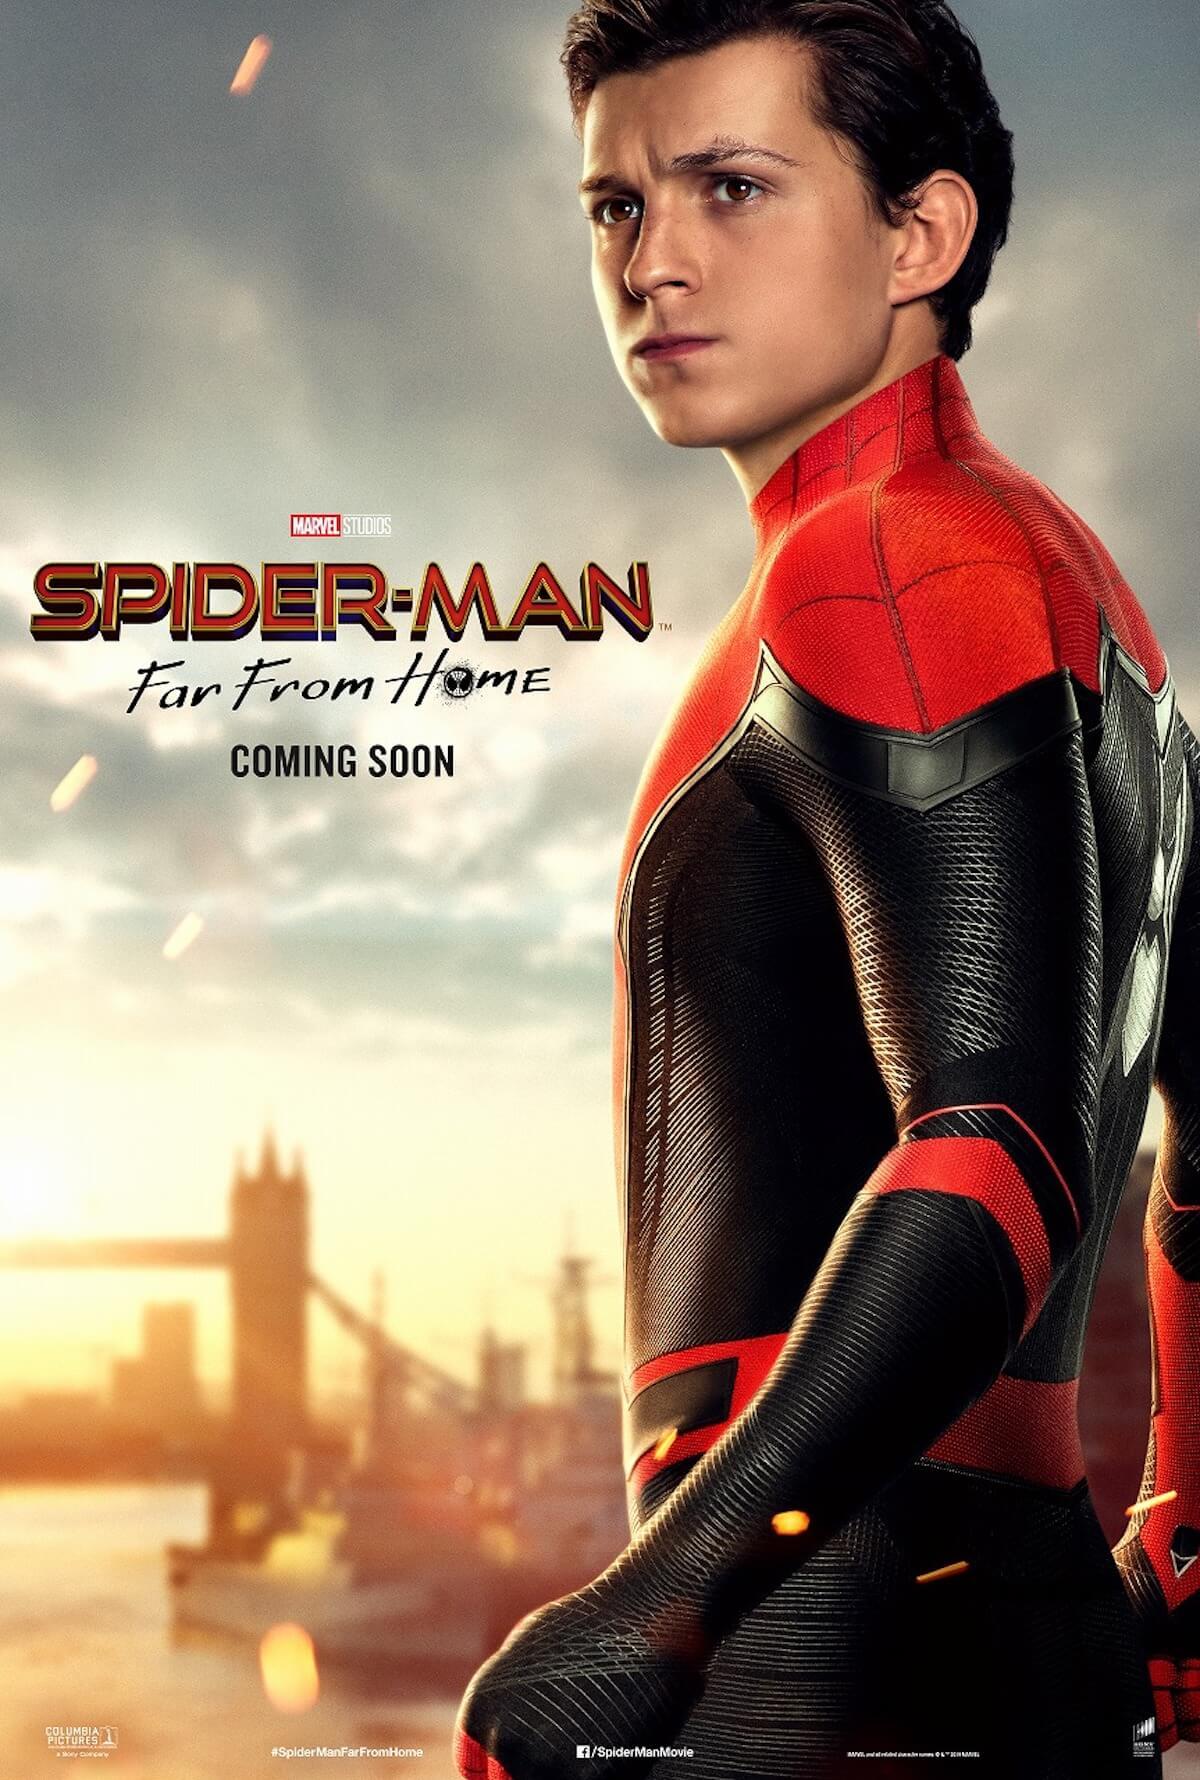 『スパイダーマン:ファー・フロム・ホーム』ストーリーの鍵を握る4人のポスターが解禁! film190523_spiderman_1